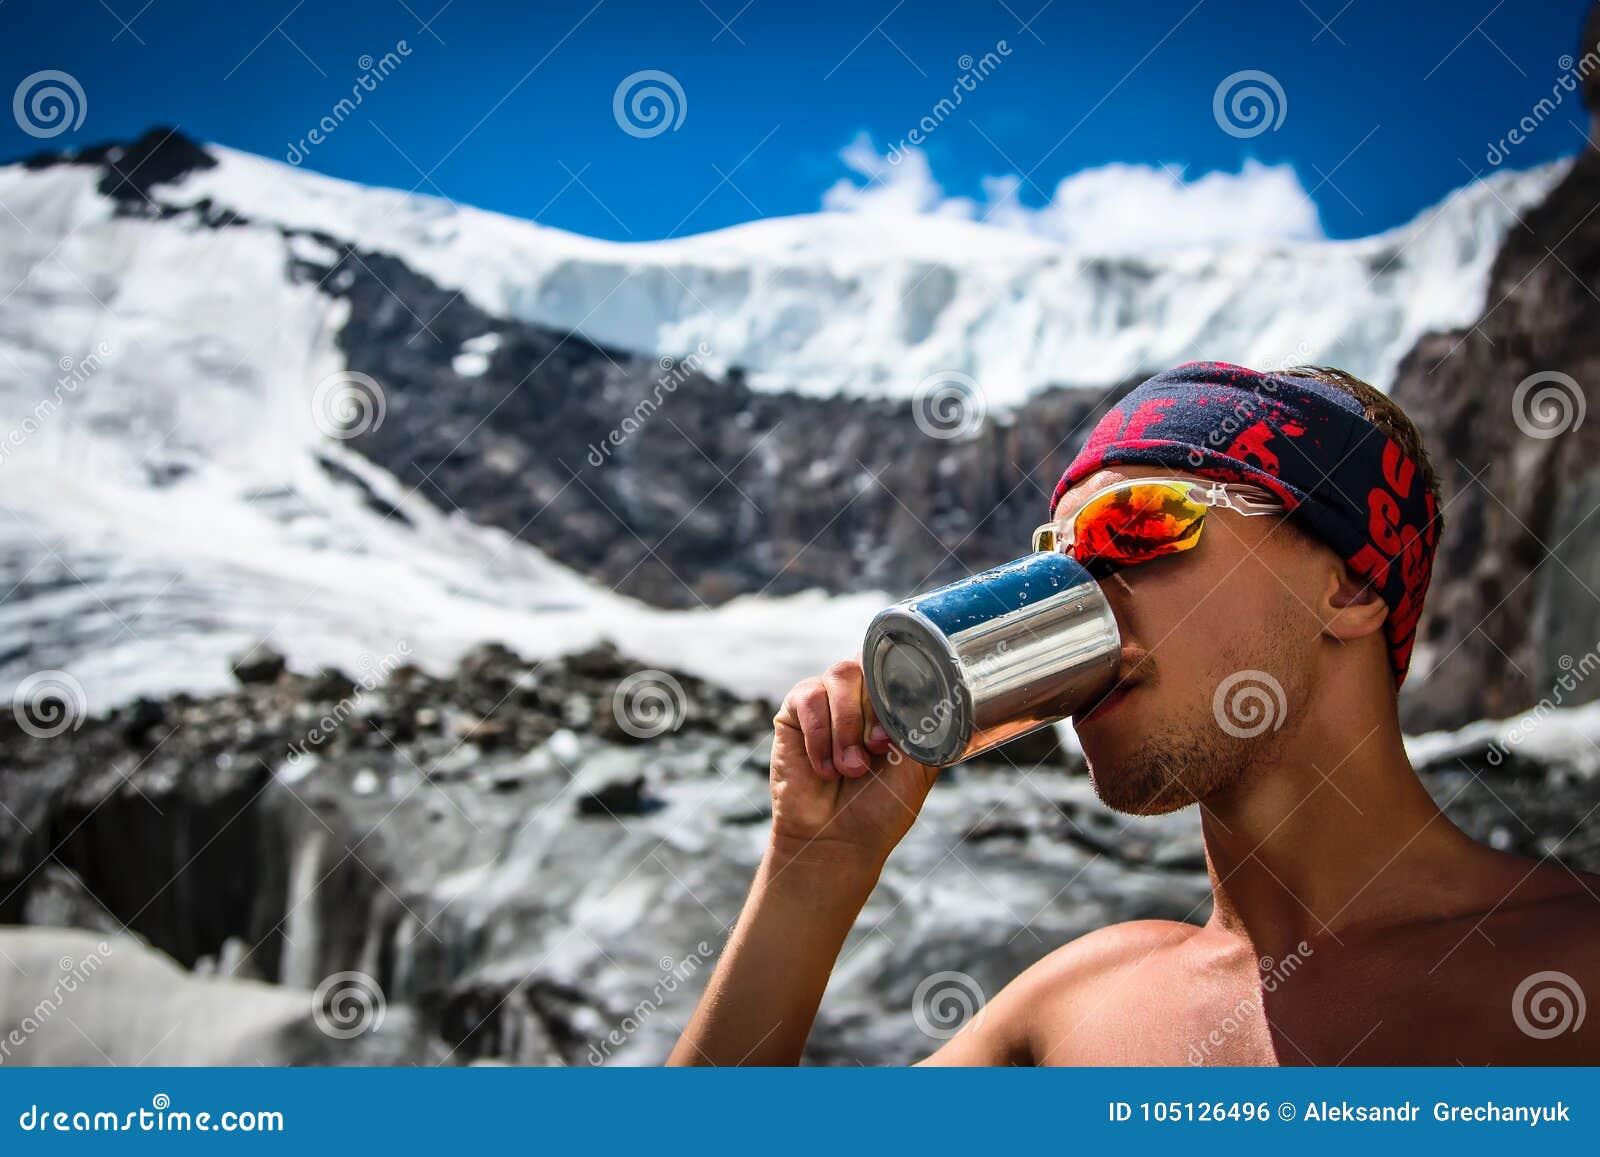 男性从一个杯子的登山家饮用水在山旅行生活方式概念冒险激活假期extre的冰川